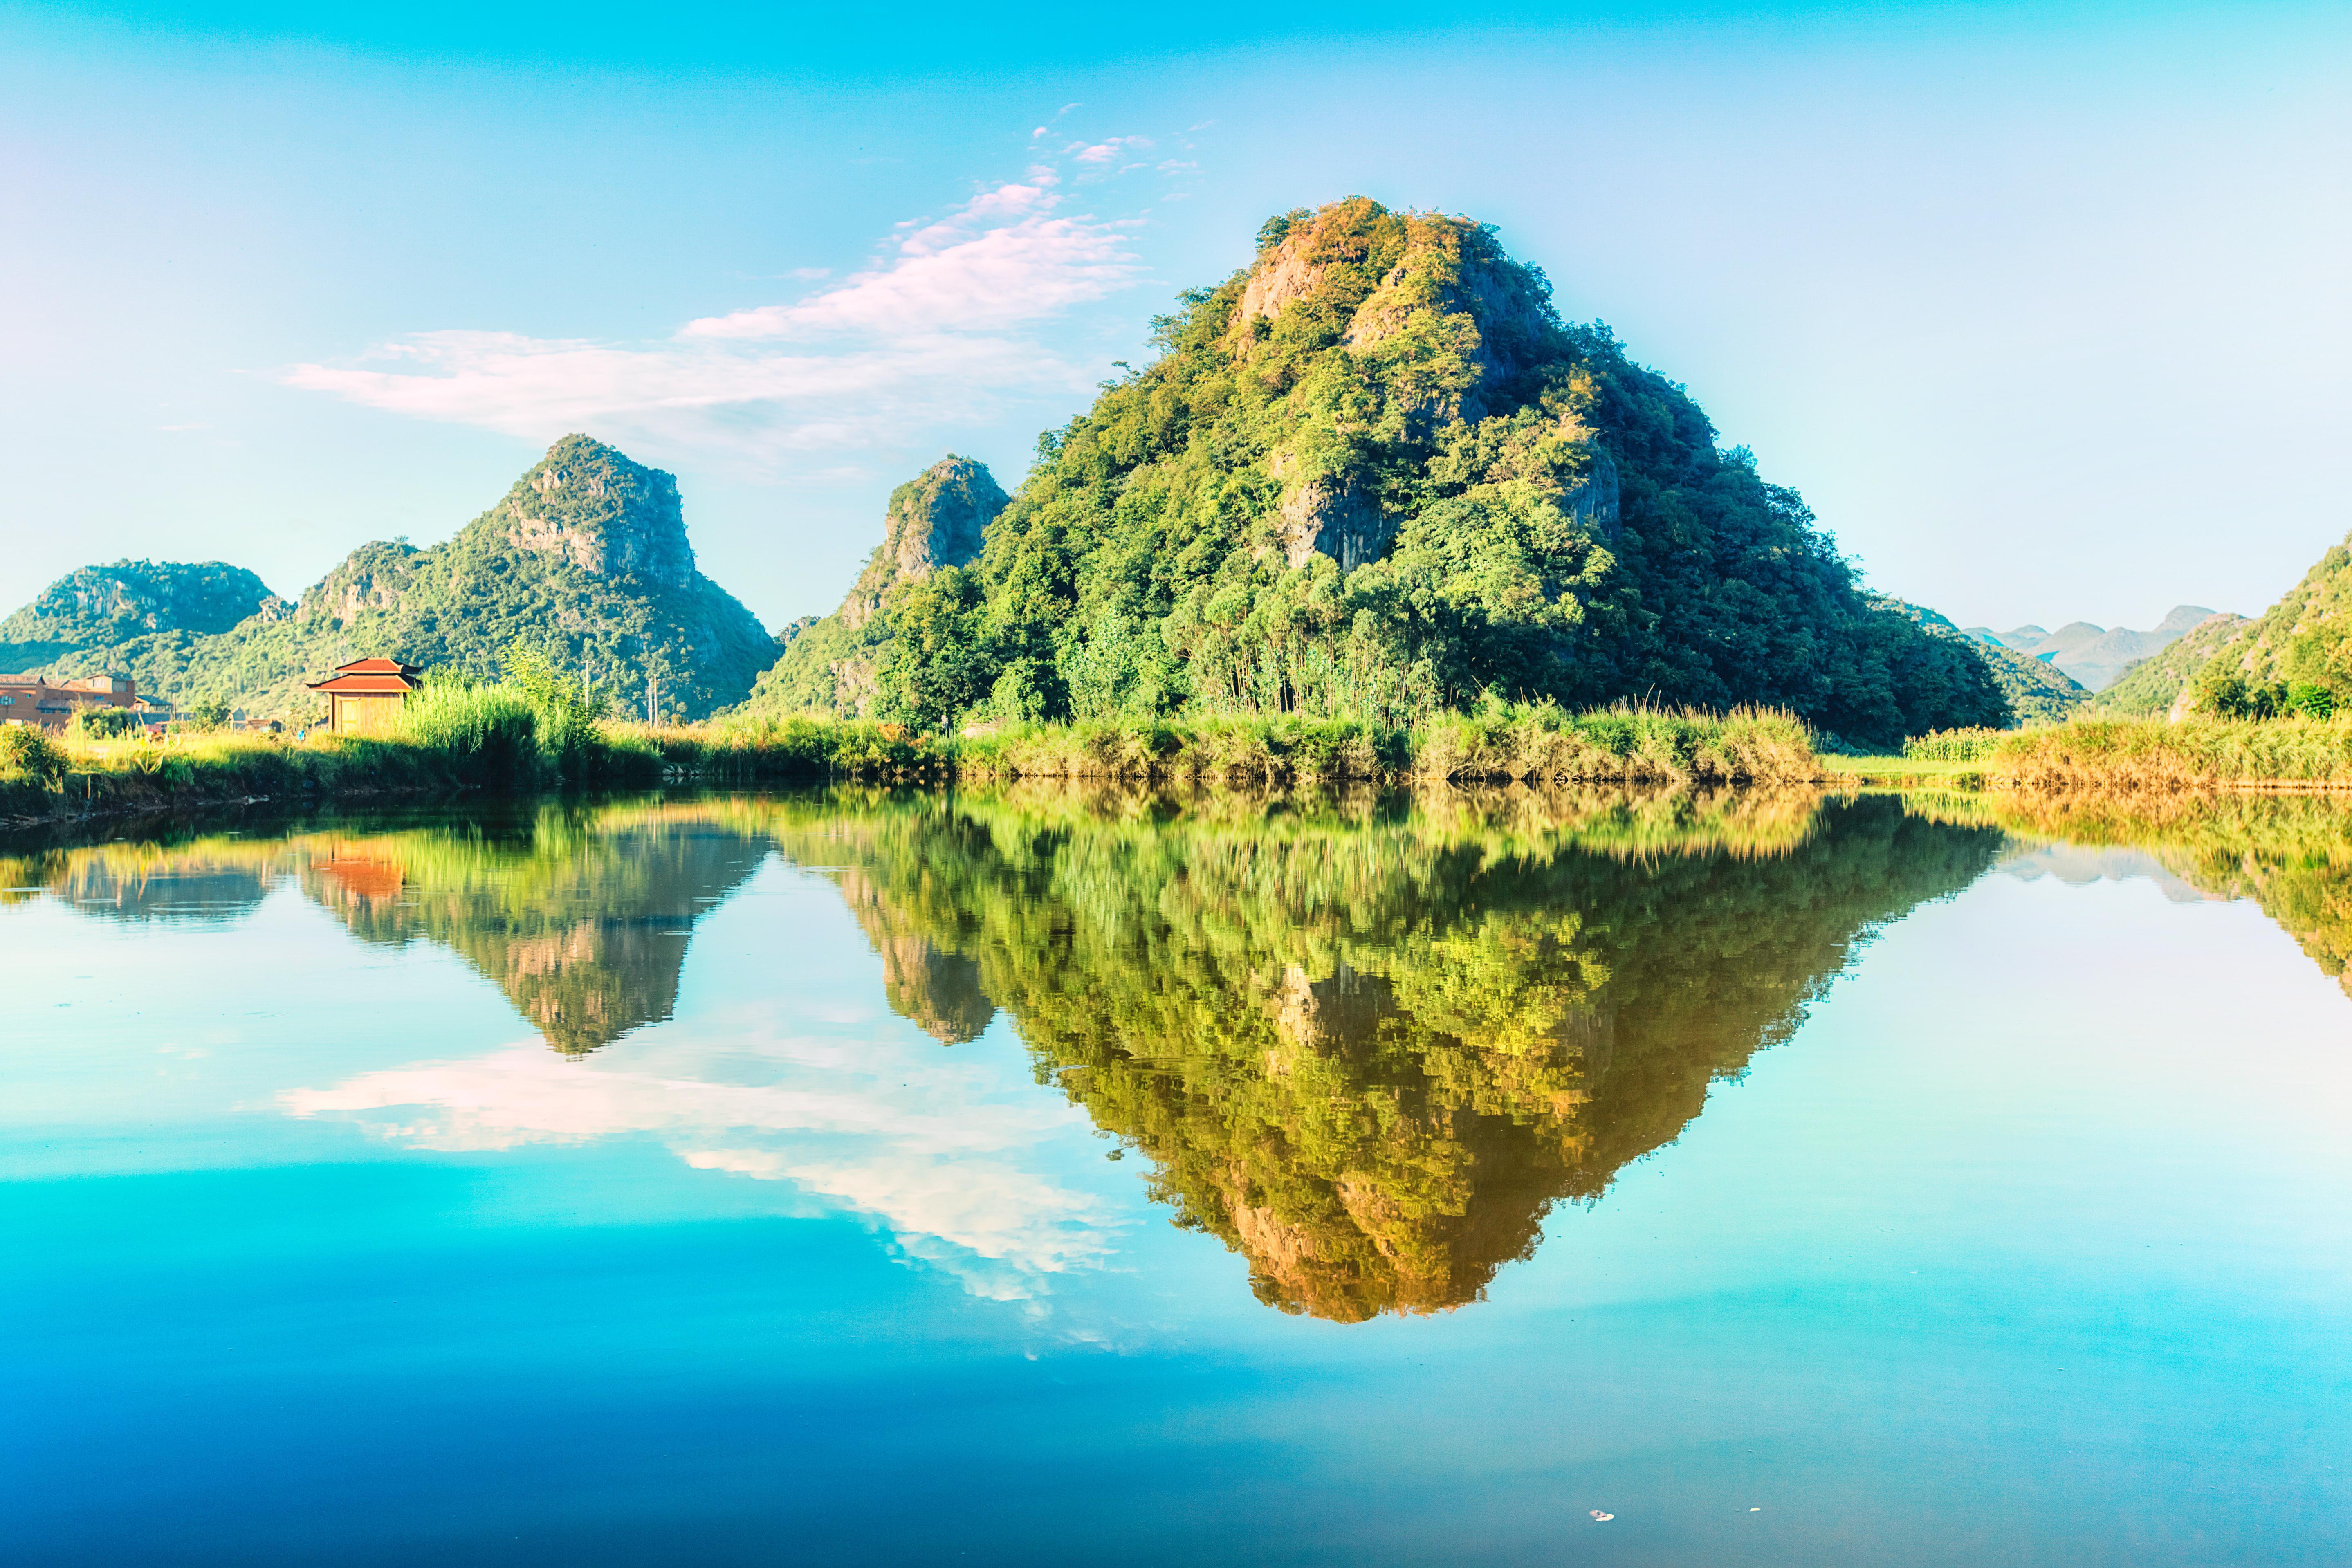 Lake Putang